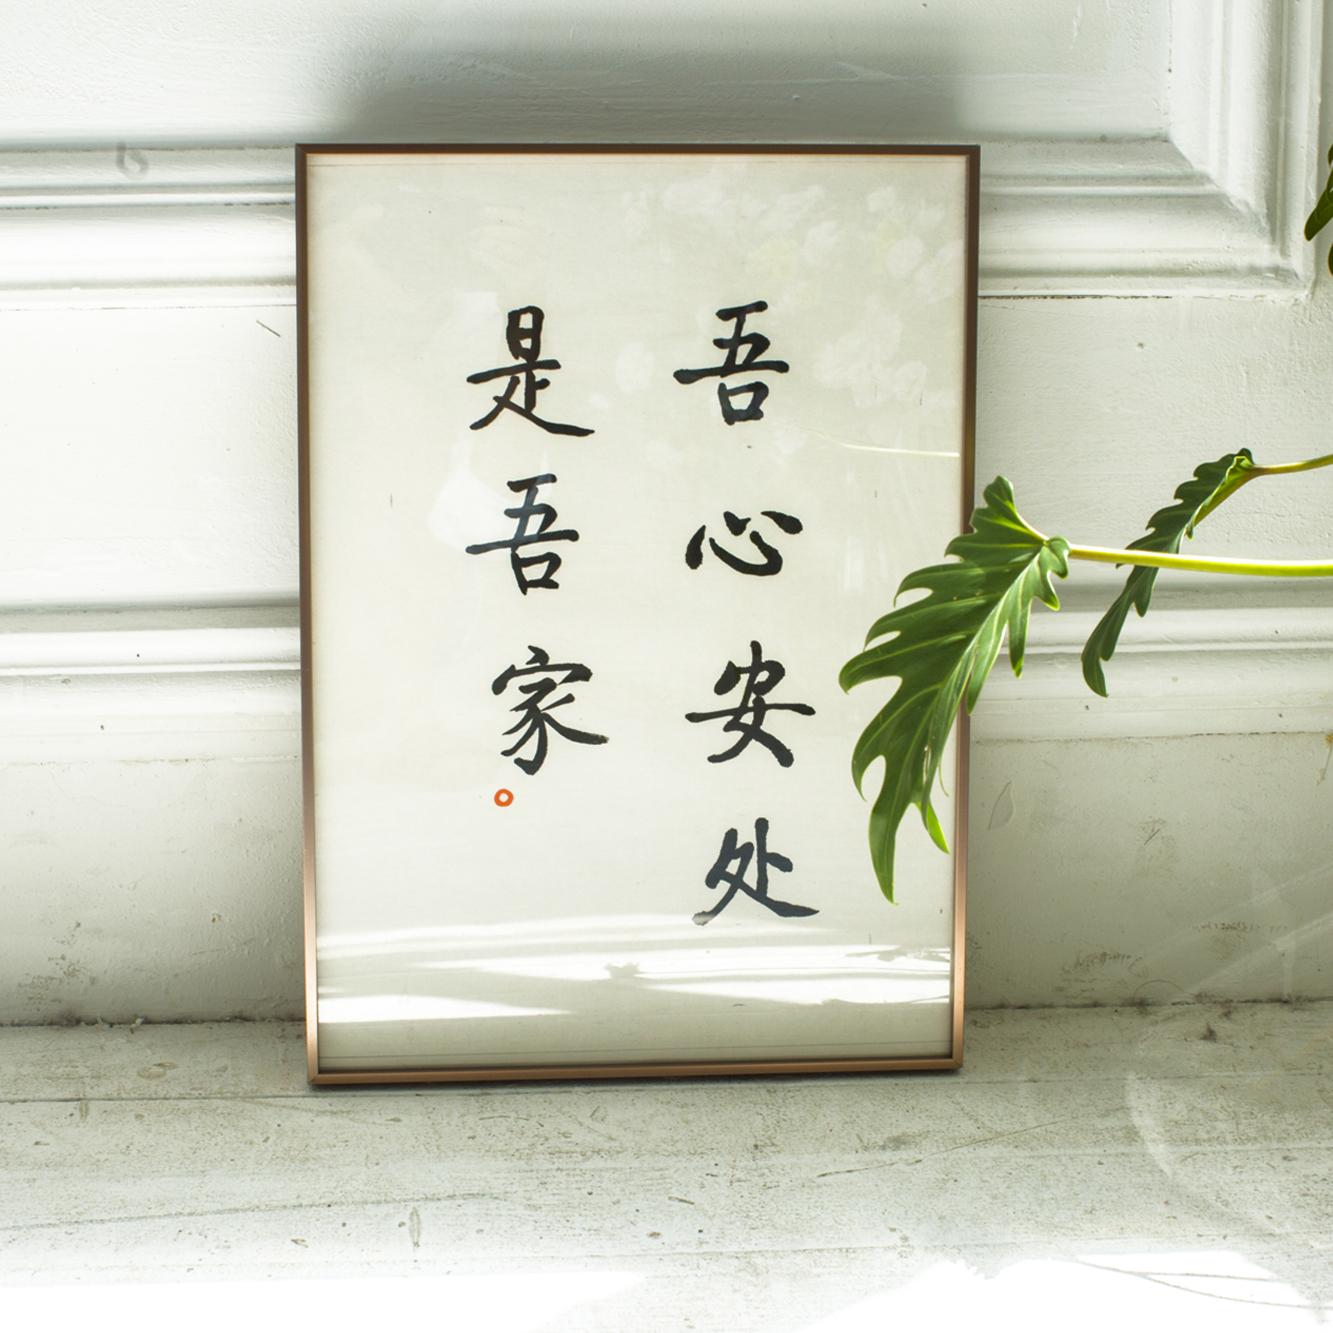 吾心安处是吾家日式客厅装饰画玄关壁画卧室餐厅挂画手写中式书法